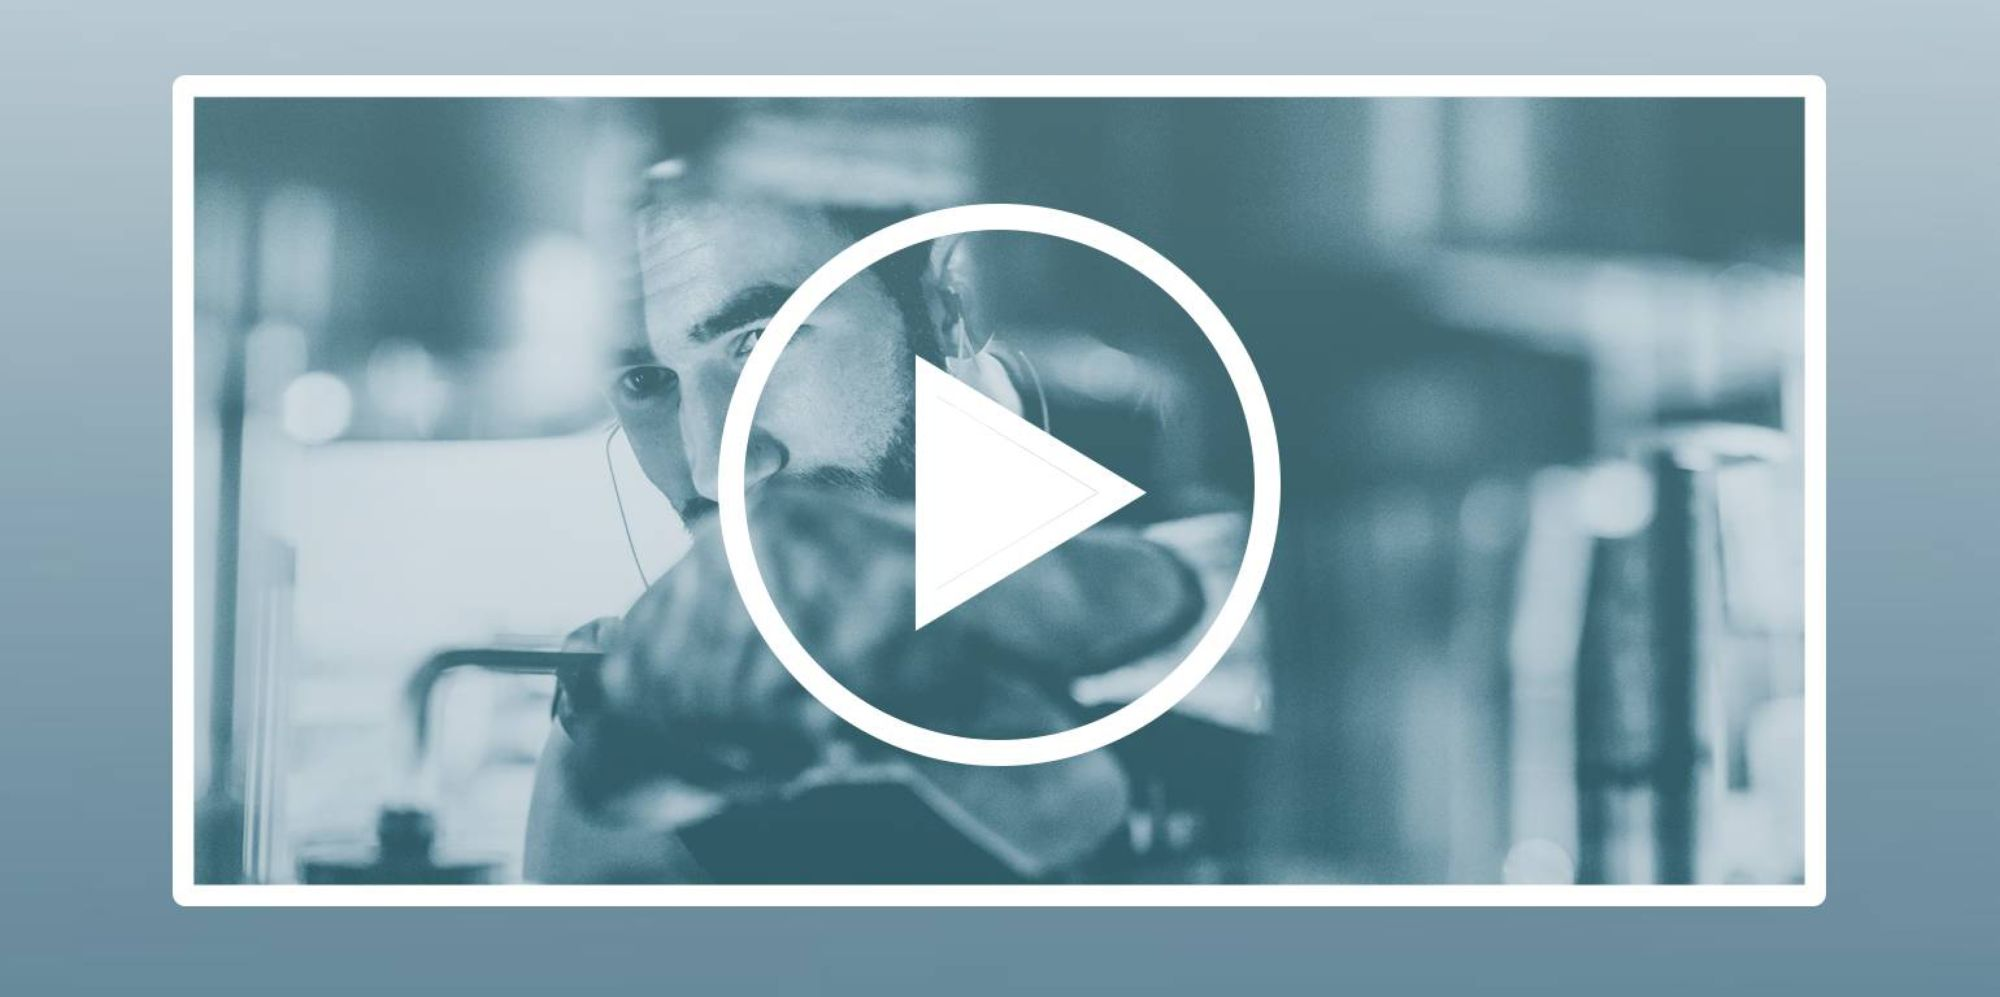 1540x768px-teaser-neutral-video.psd